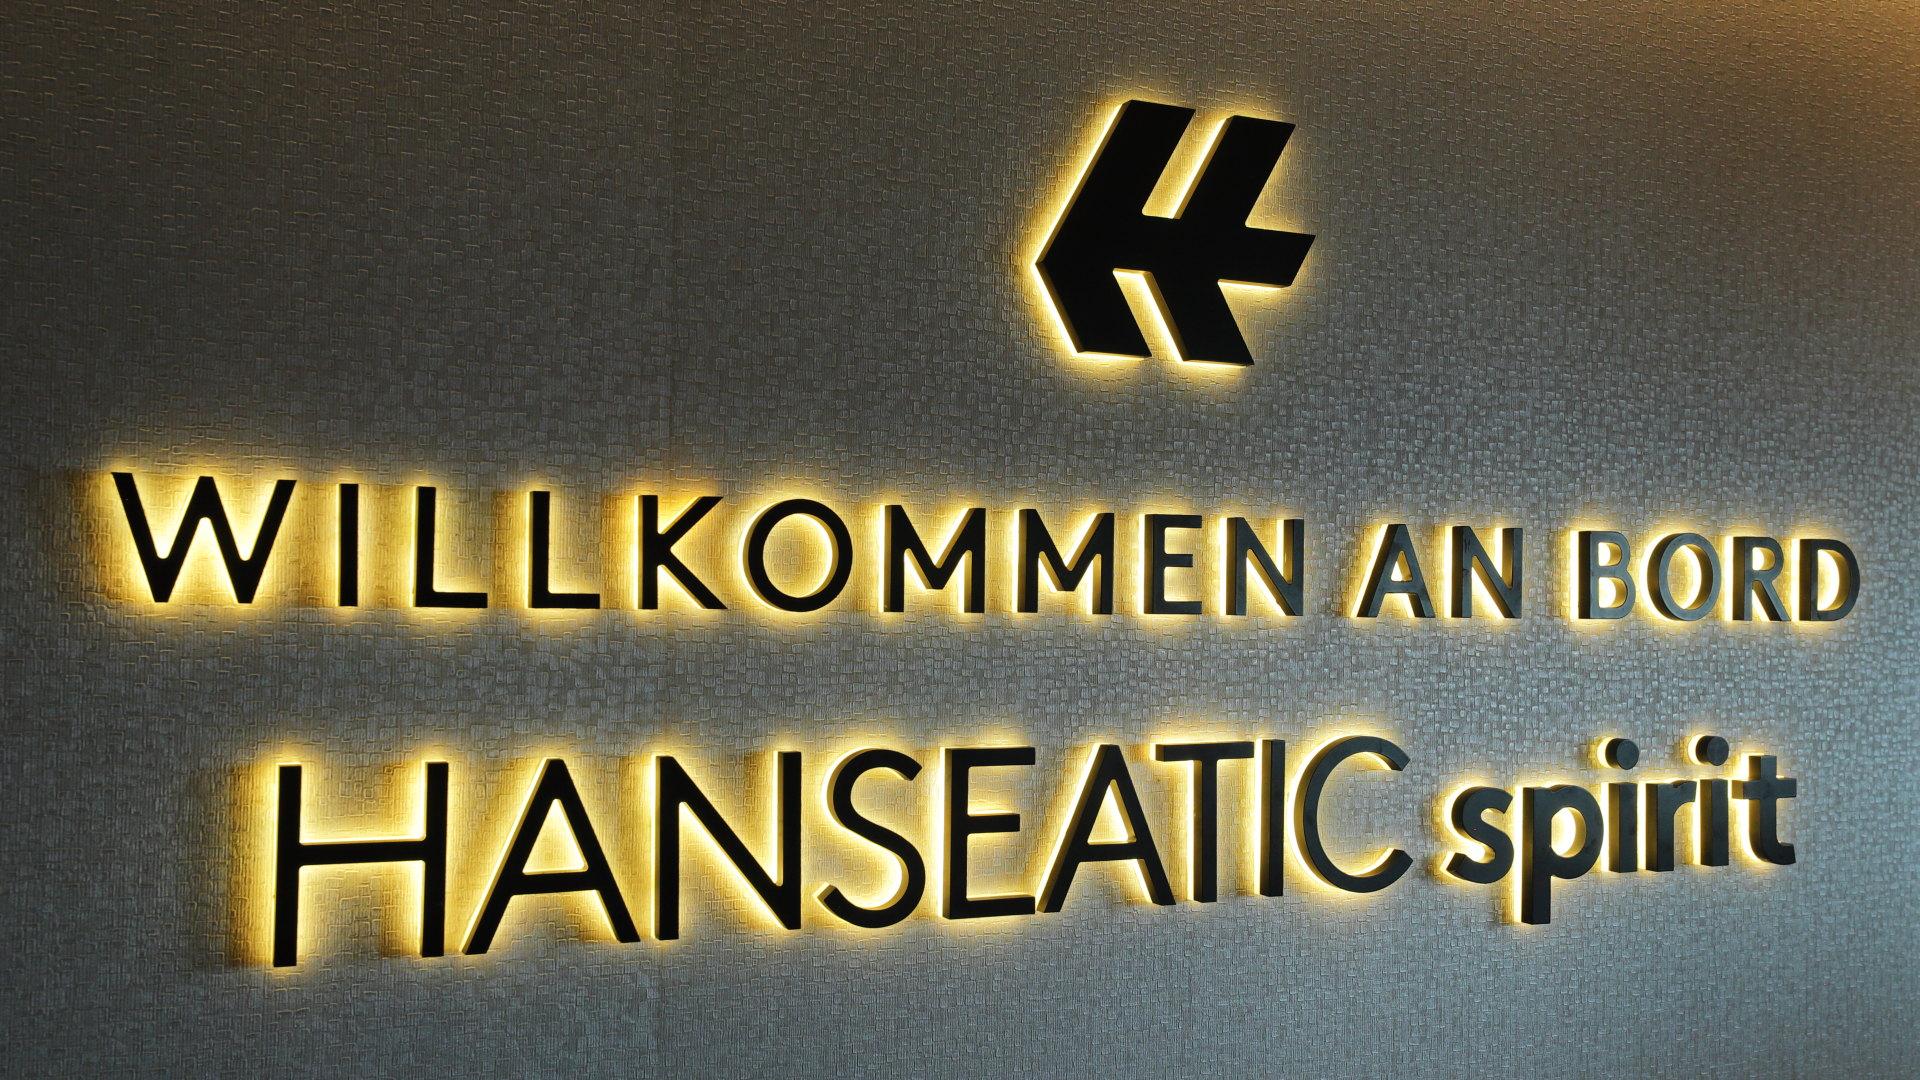 Willkommen an Bord der Hanseatic spirit